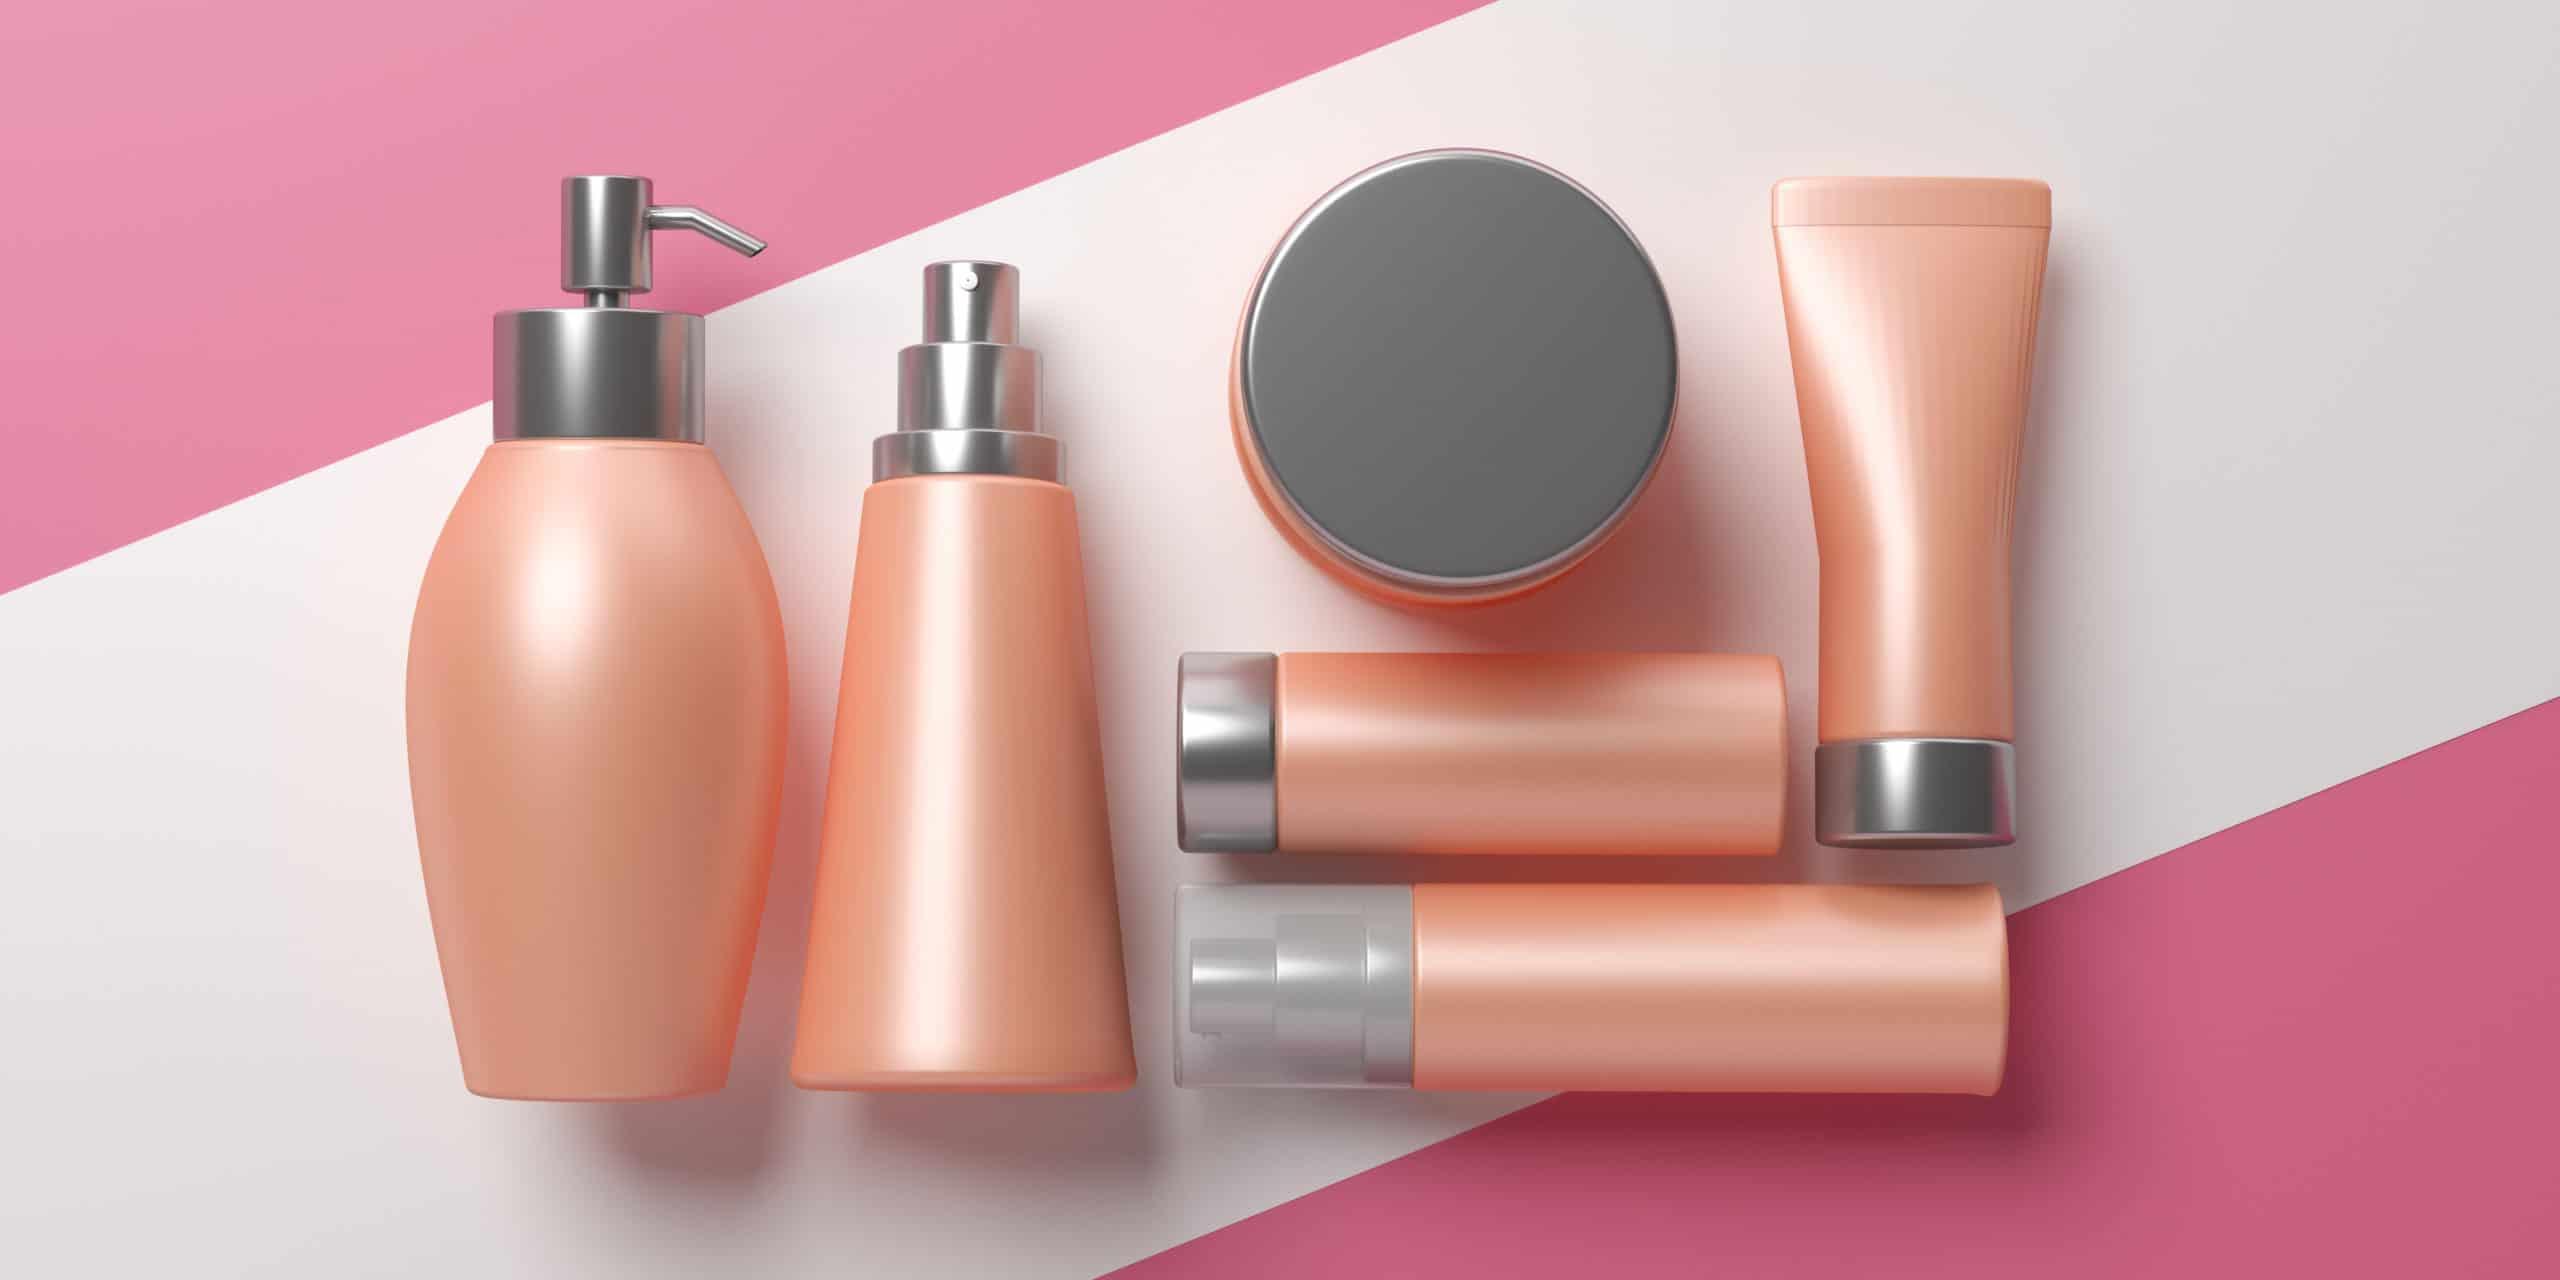 Creme, shampi e altro ancora nel settore cosmetico